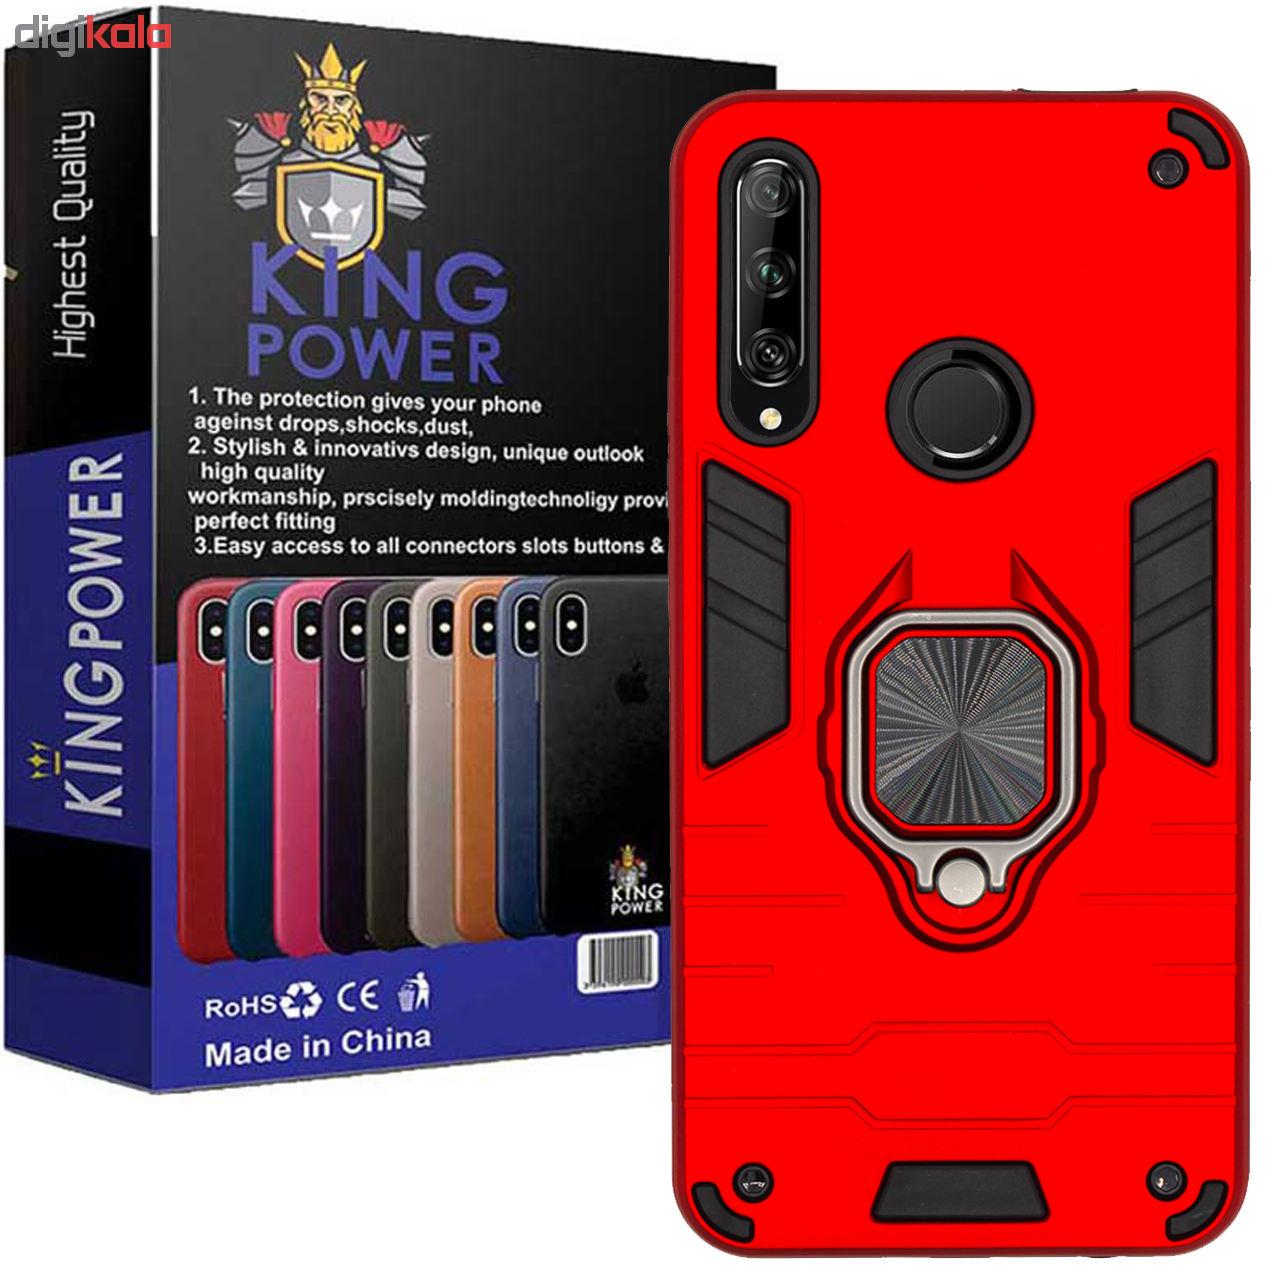 کاور کینگ پاور مدل ASH22 مناسب برای گوشی موبایل هوآوی P30 Lite main 1 2